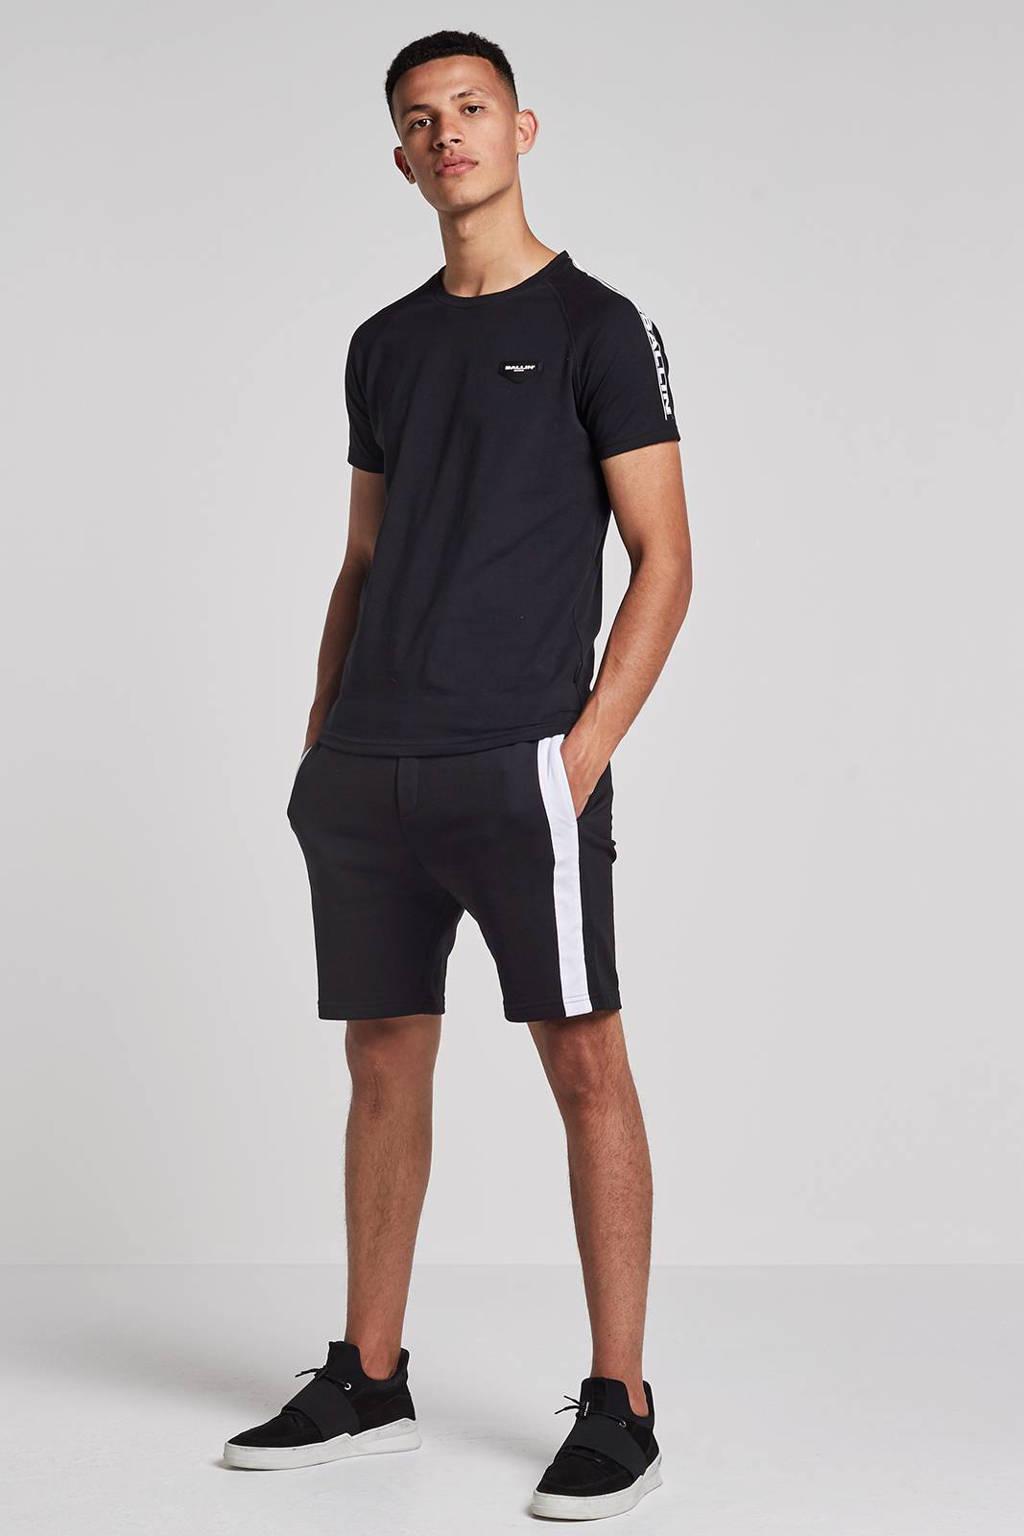 Ballin by Purewhite T-shirt, Zwart/wit